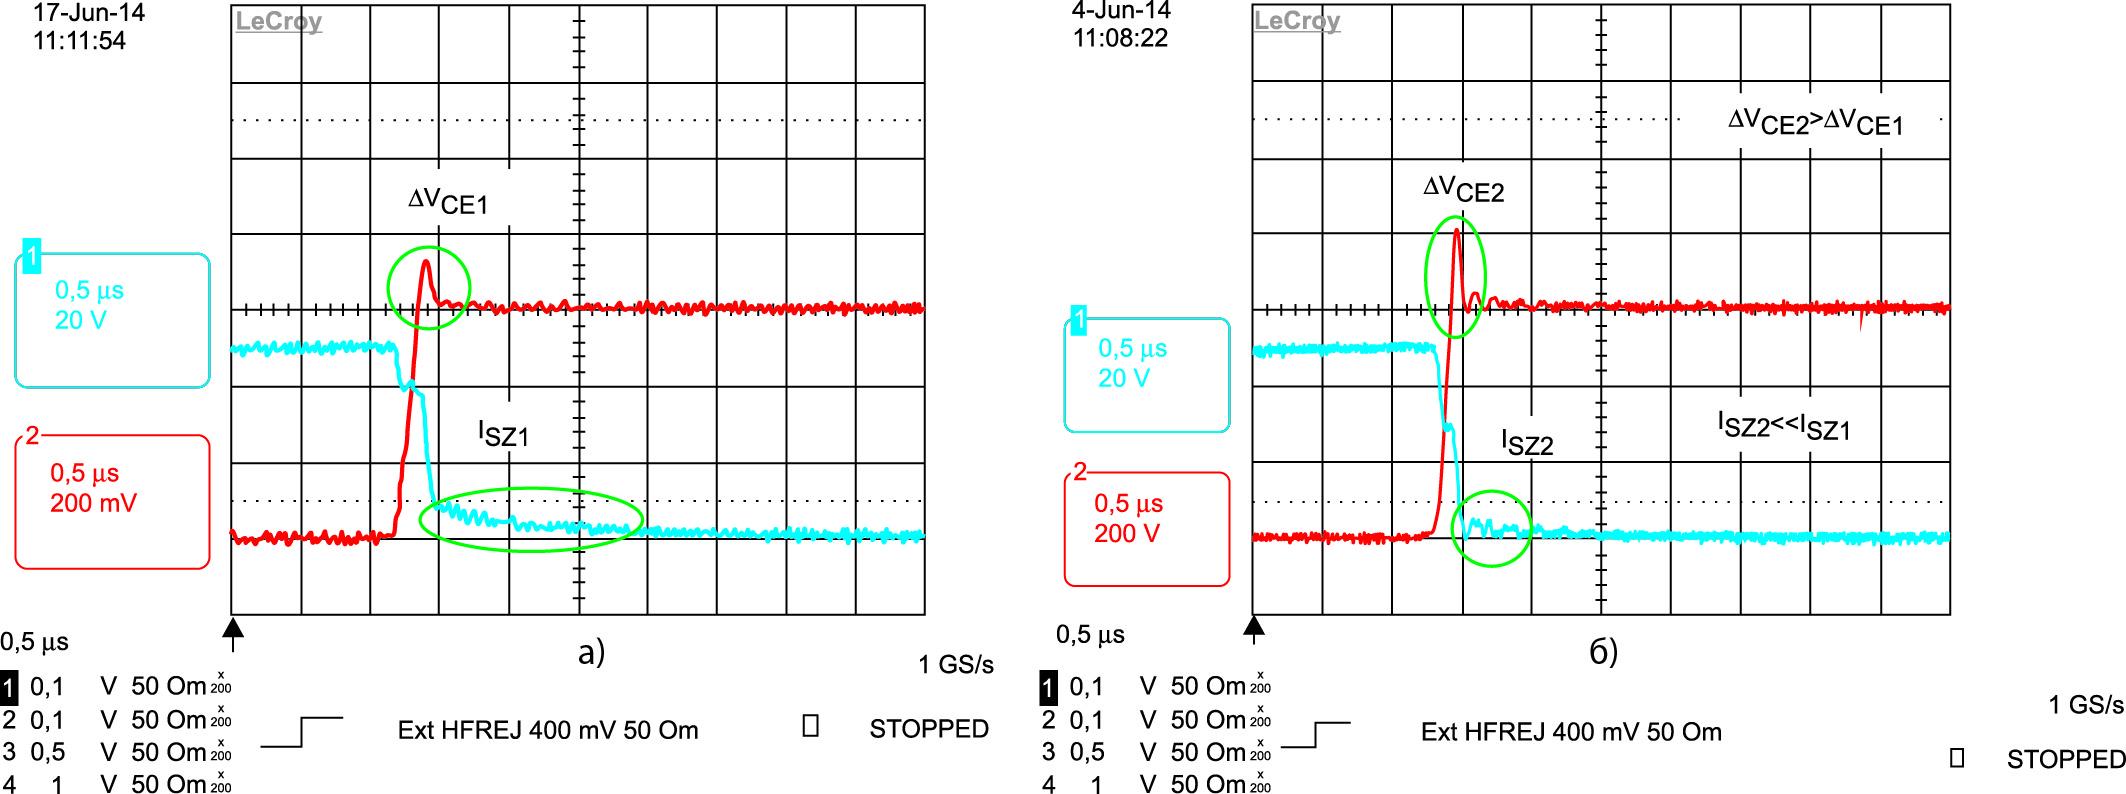 Характеристики выключения NPT+ IGBT: без облучения и с облучение электронами с дозой Ф = 5,3×1013 см-2 (режим измерения: VCC = 600 В, IC = 50 А, RG = 15 Ом, Tj = 125 °C)